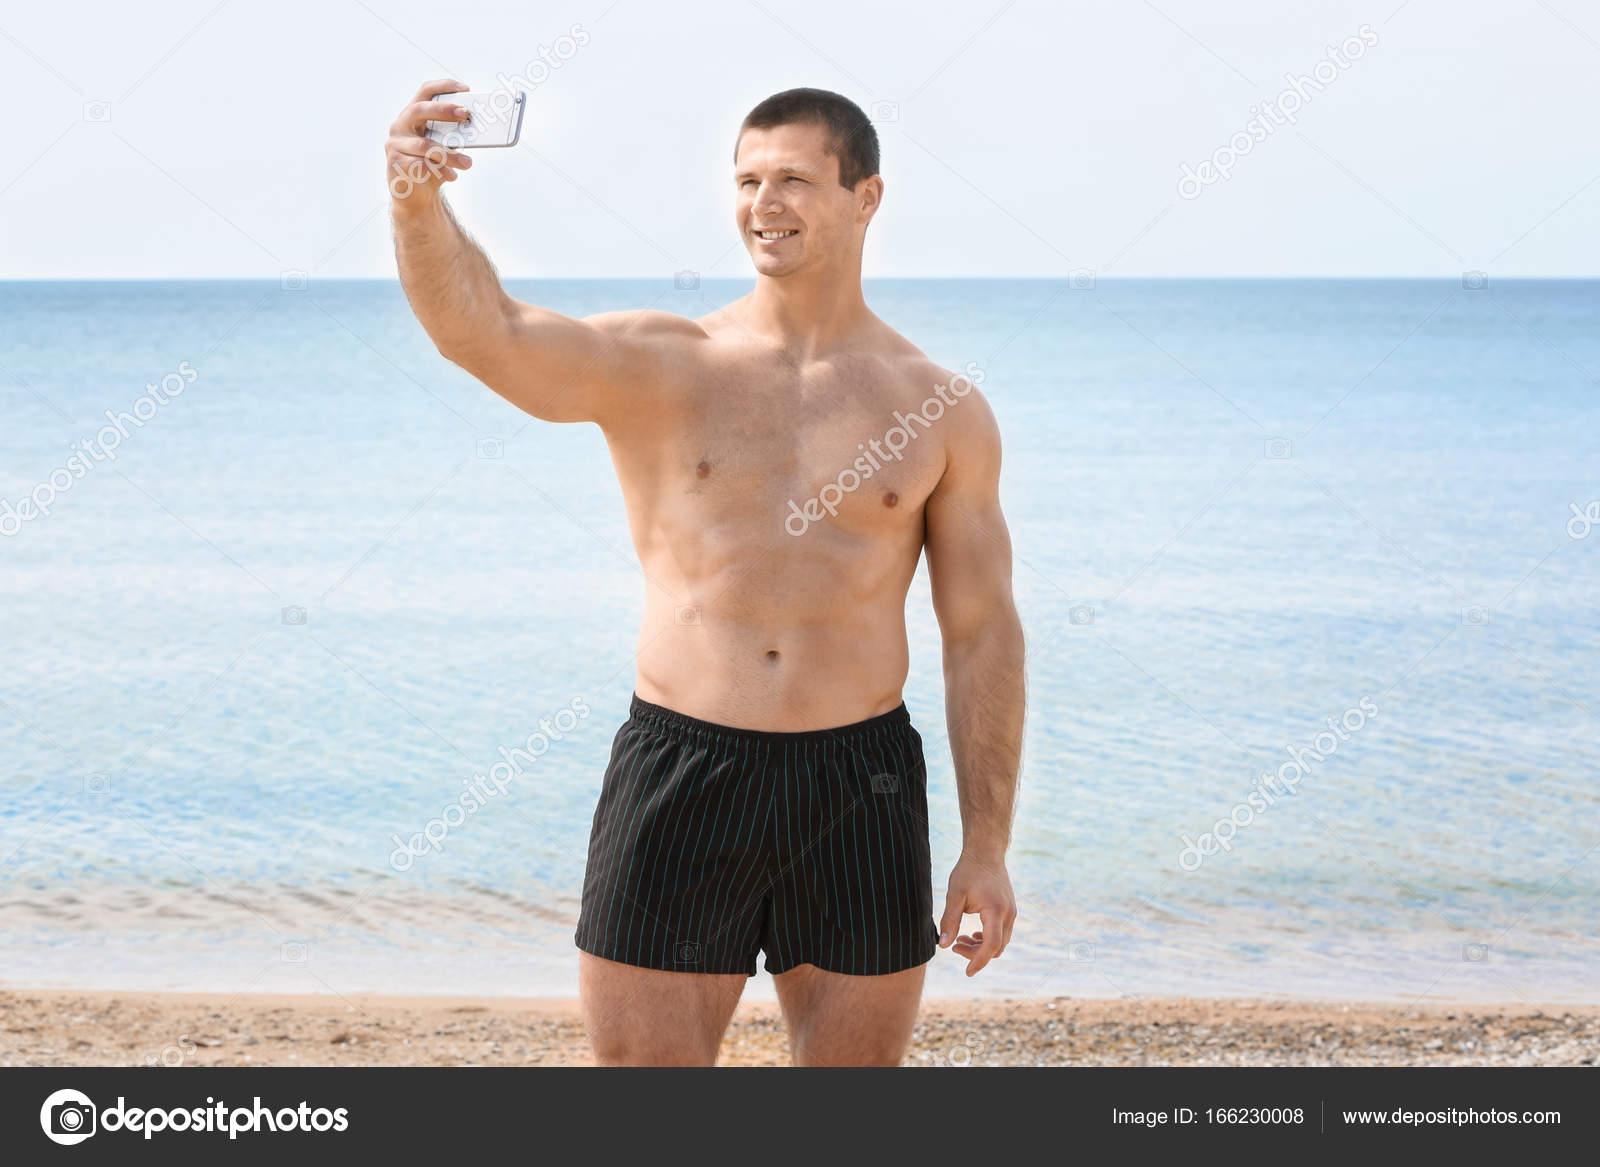 Fotos En La Playa Hombre: Fotos: Hombres Guapos En La Playa